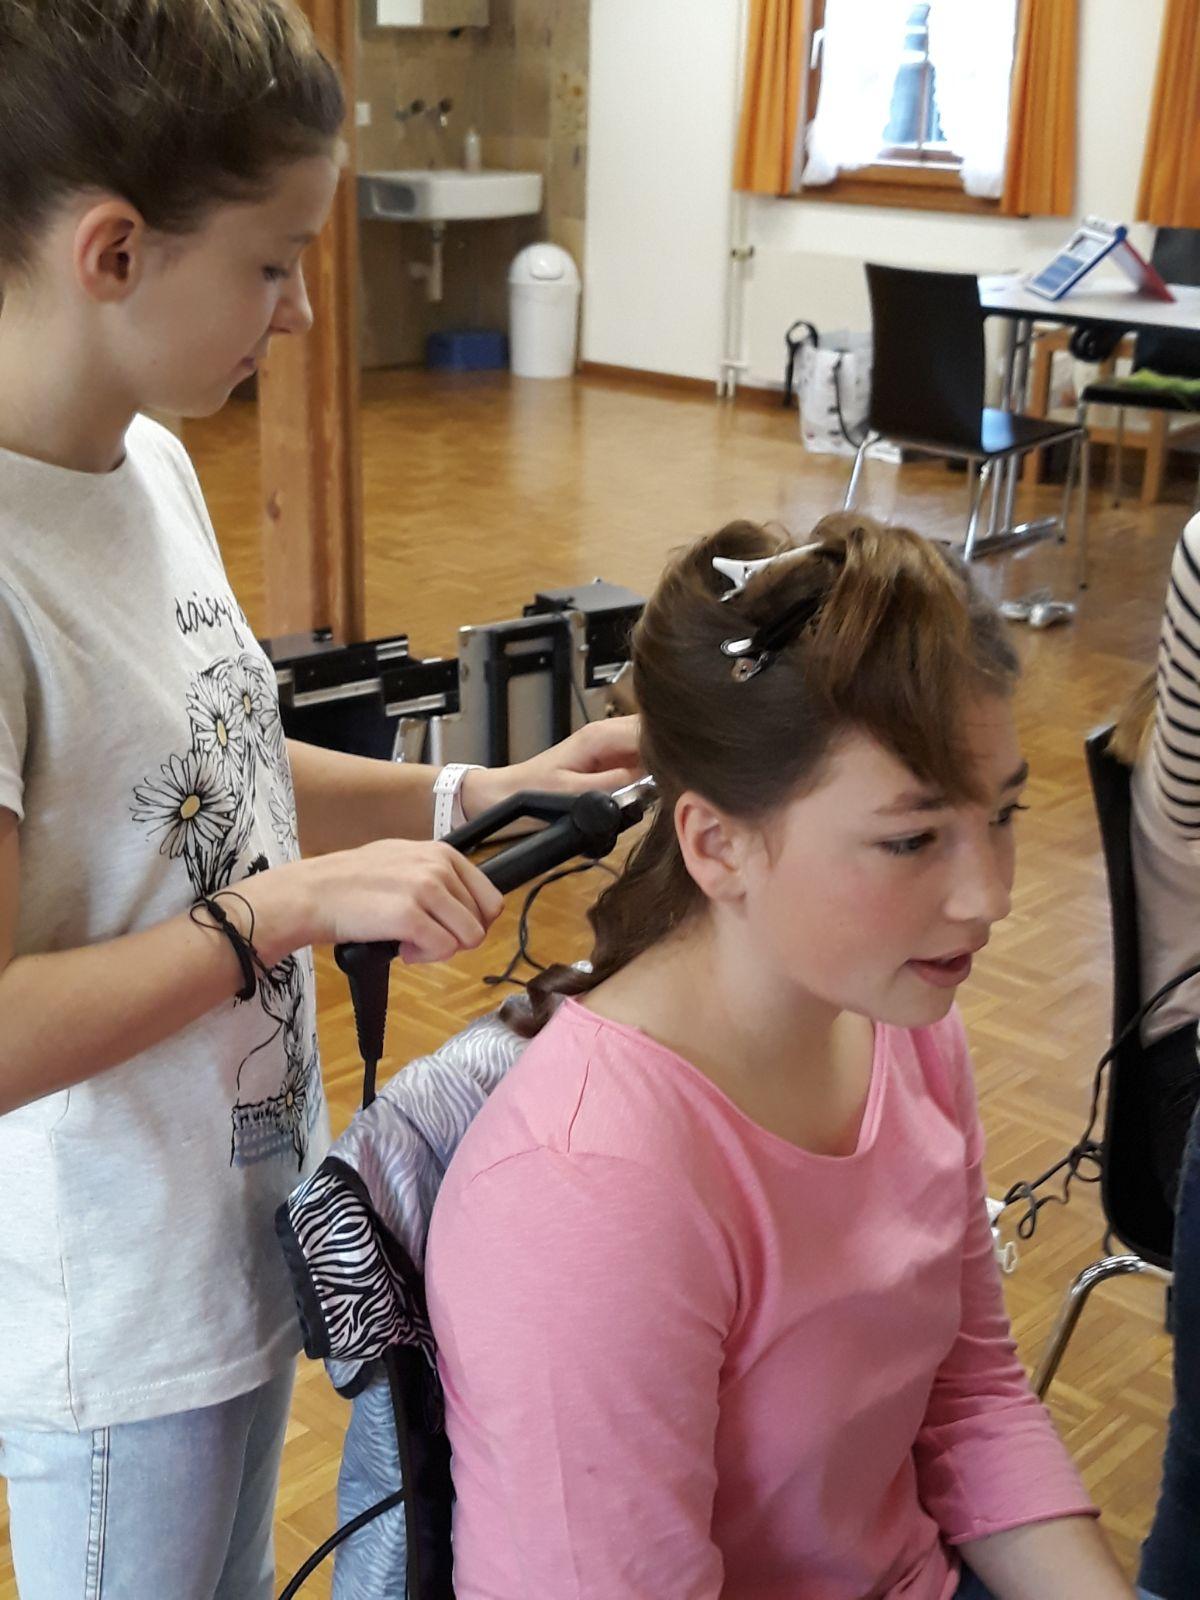 Kreative Frisuren Selber Machen Elternverein Wilen